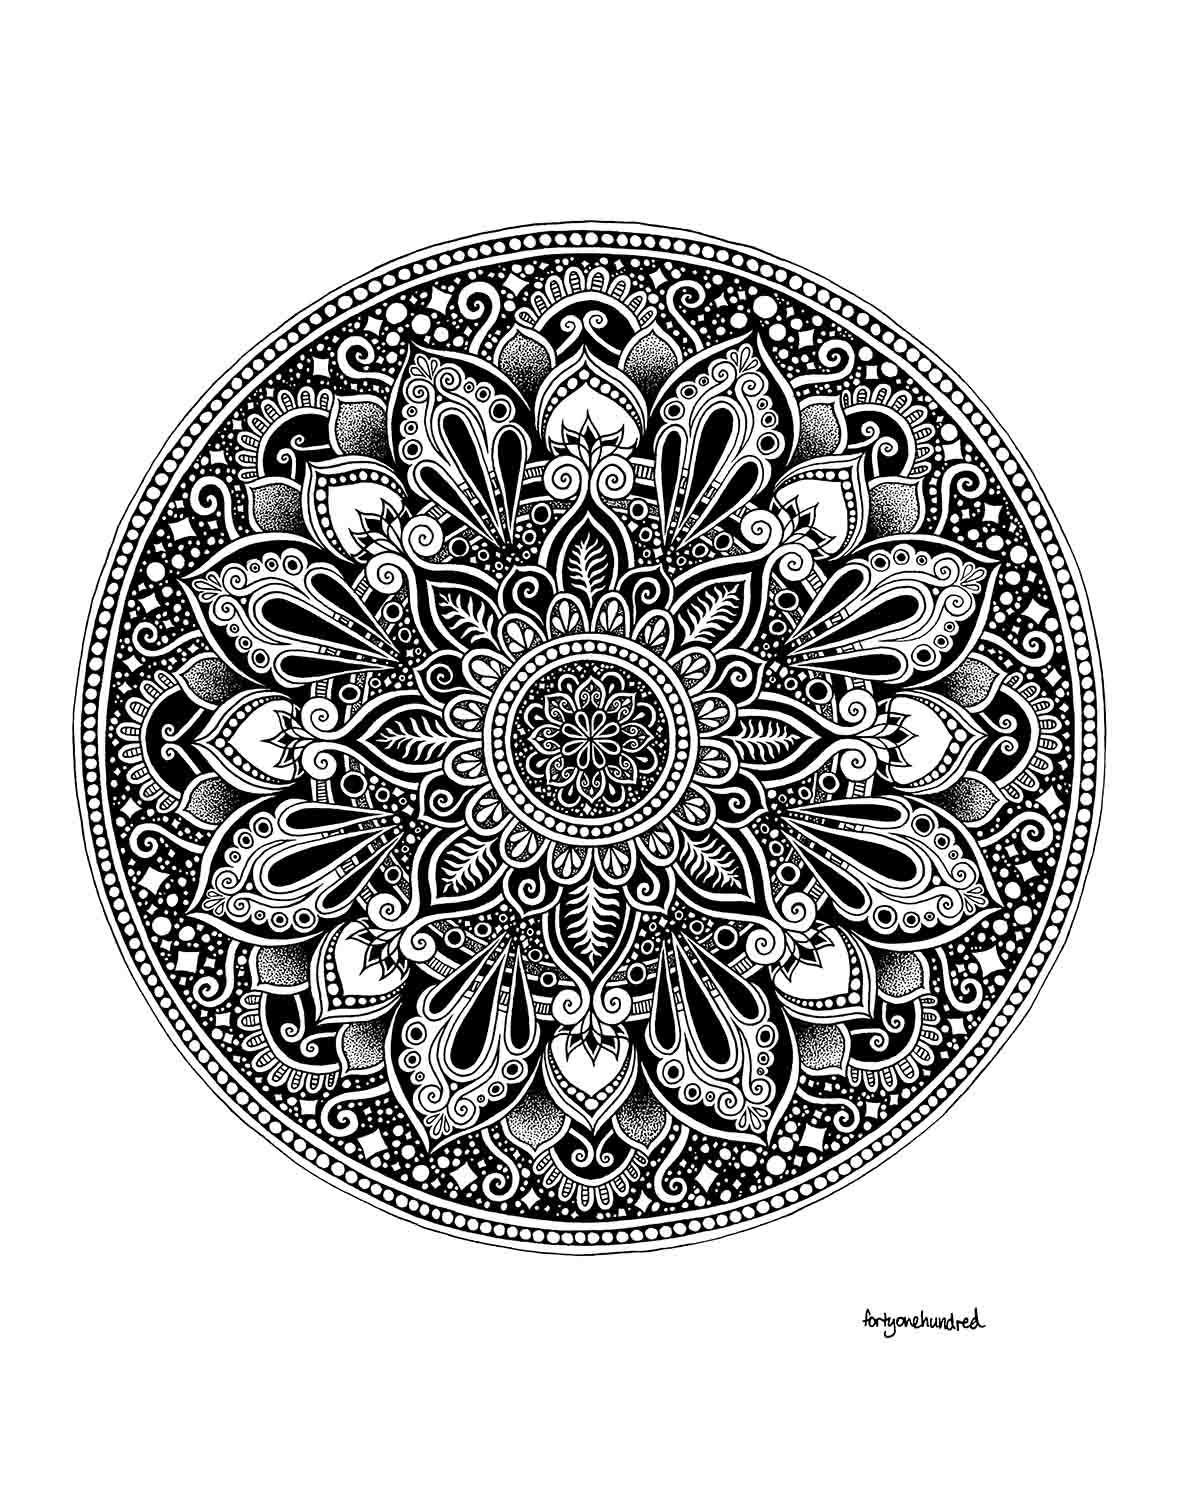 Alignment Mandala - fortyonehundred web.jpg